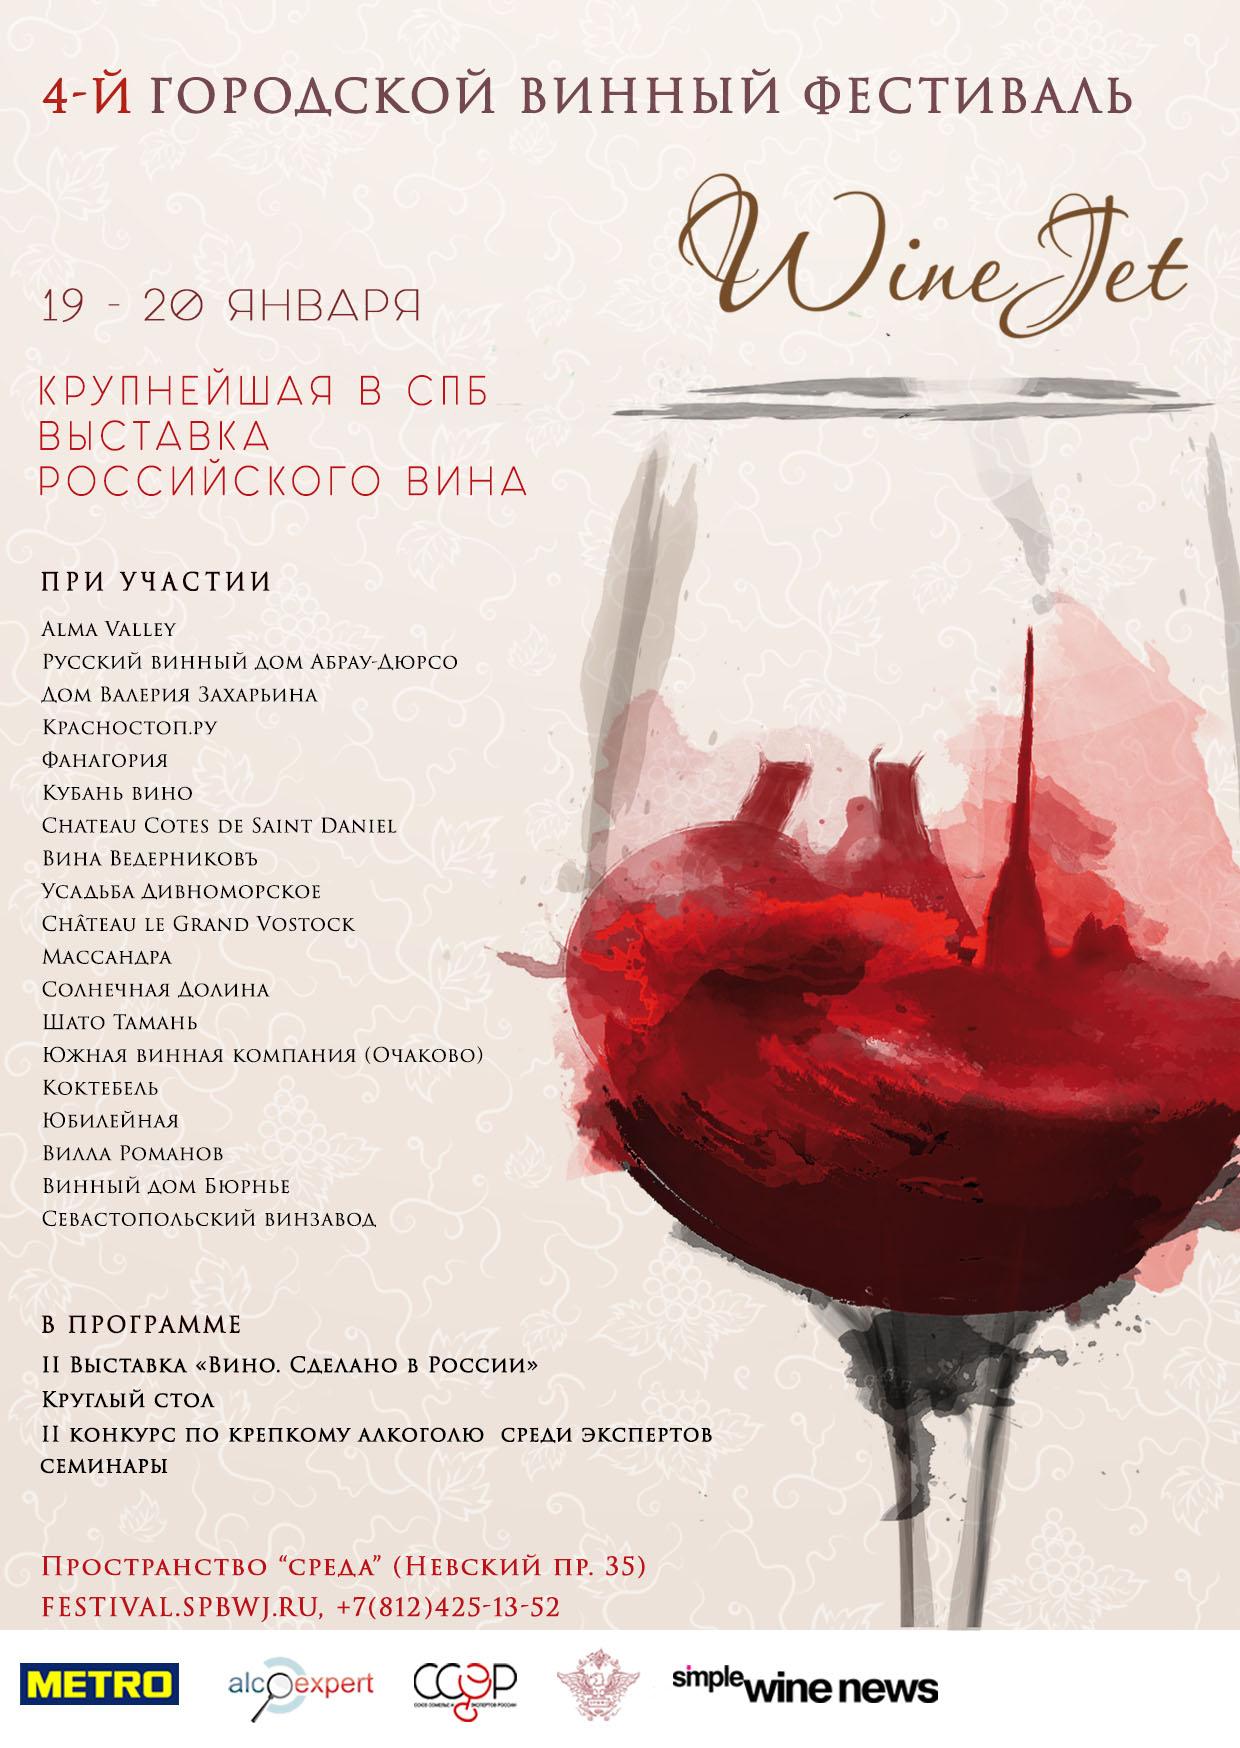 винный фестиваль WineJet российское вино Санкт-Петербургская школа сомелье любители вина дегустация специалисты винного рынка